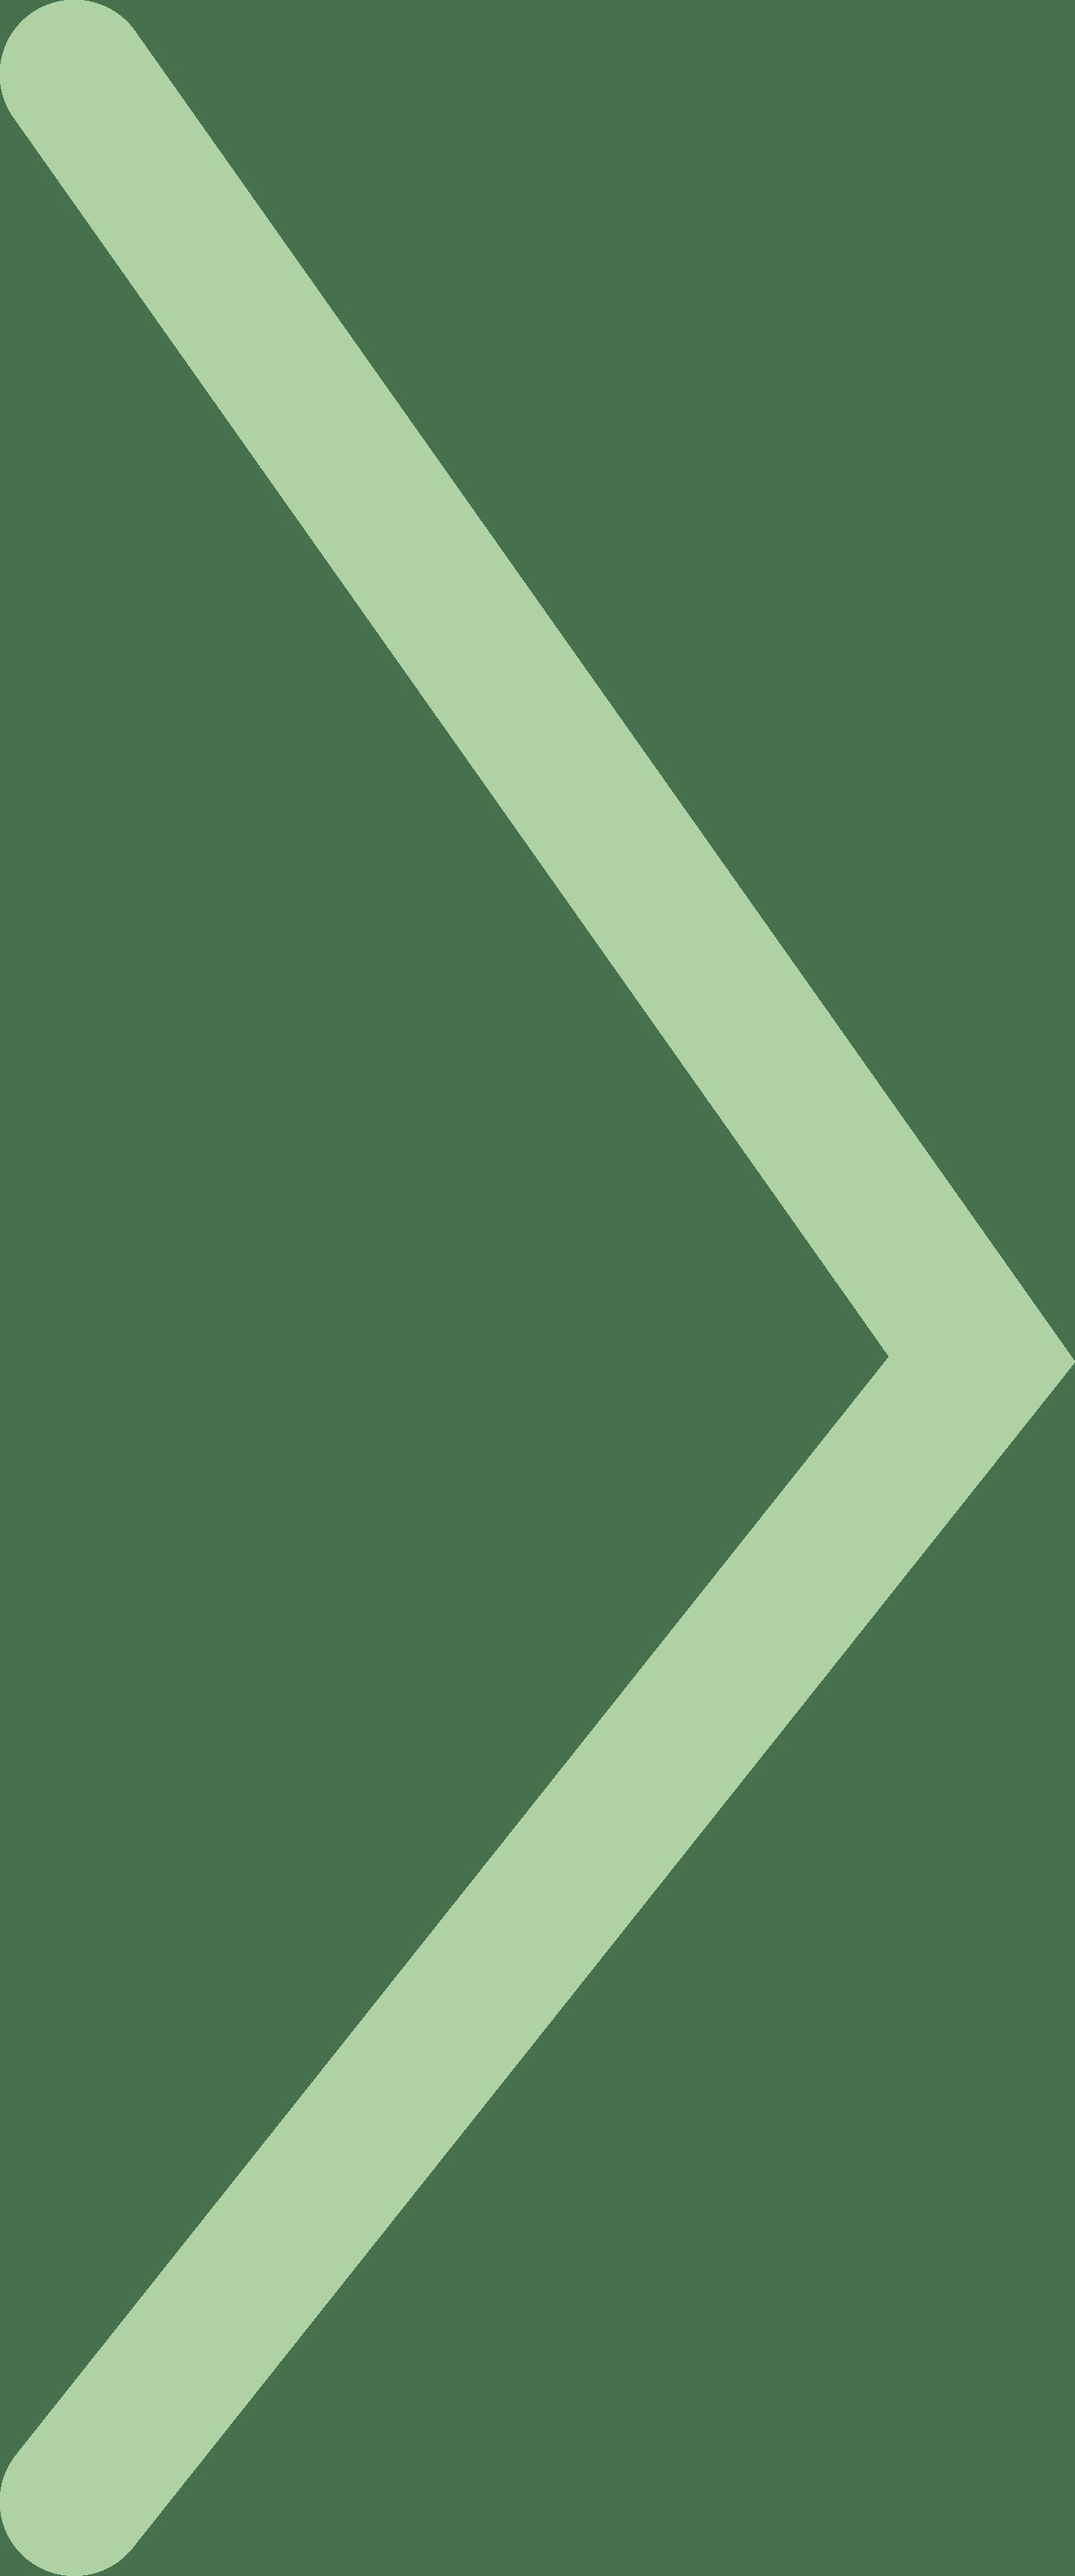 grüner pfeil nach rechts